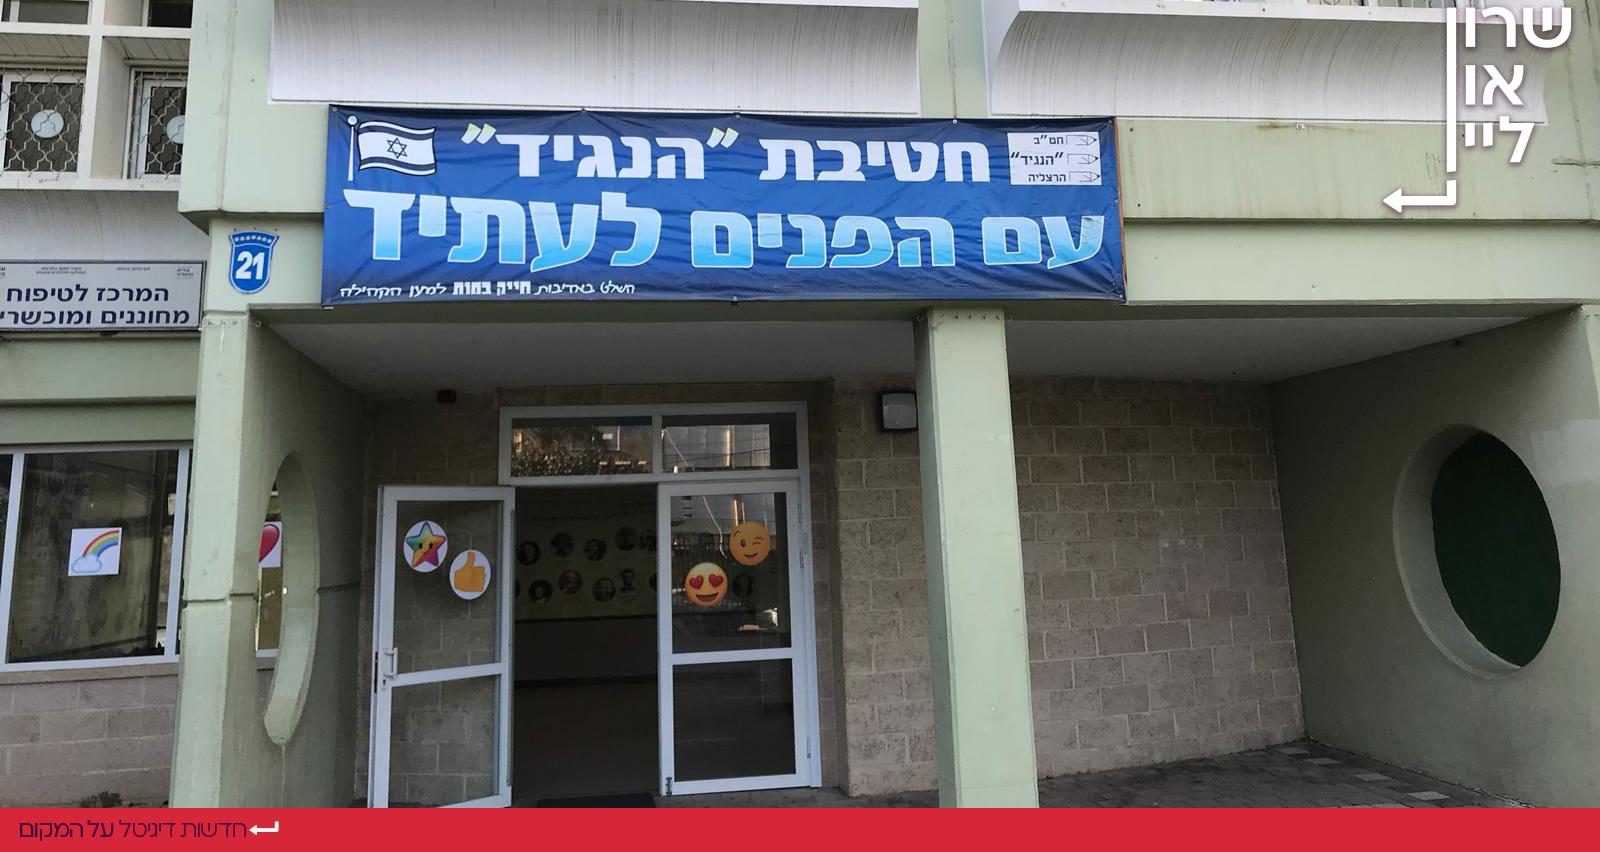 חטיבת ביניים שמואל הנגיד הרצליה